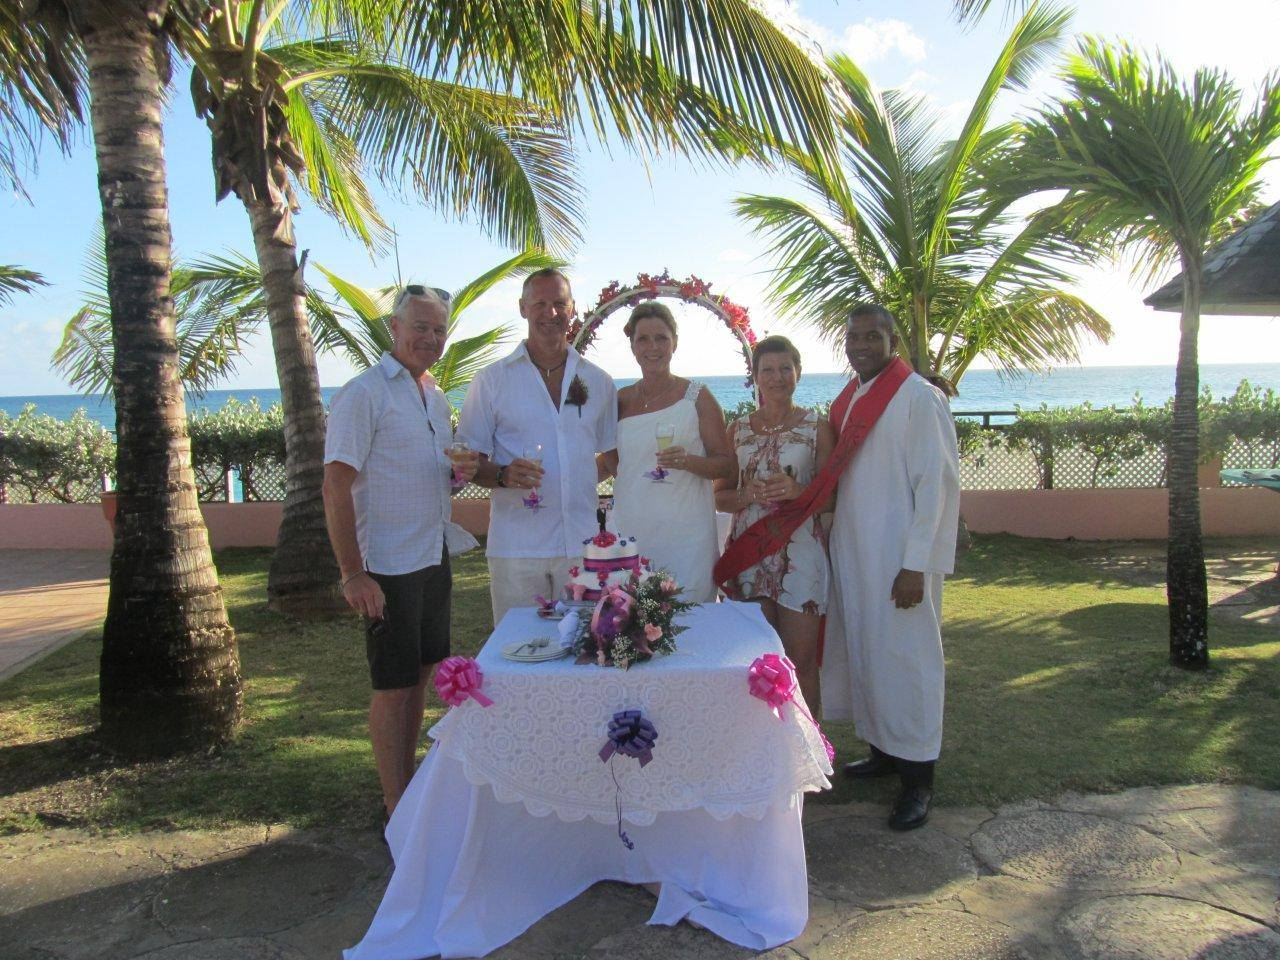 Barbados Beach Club Hotel